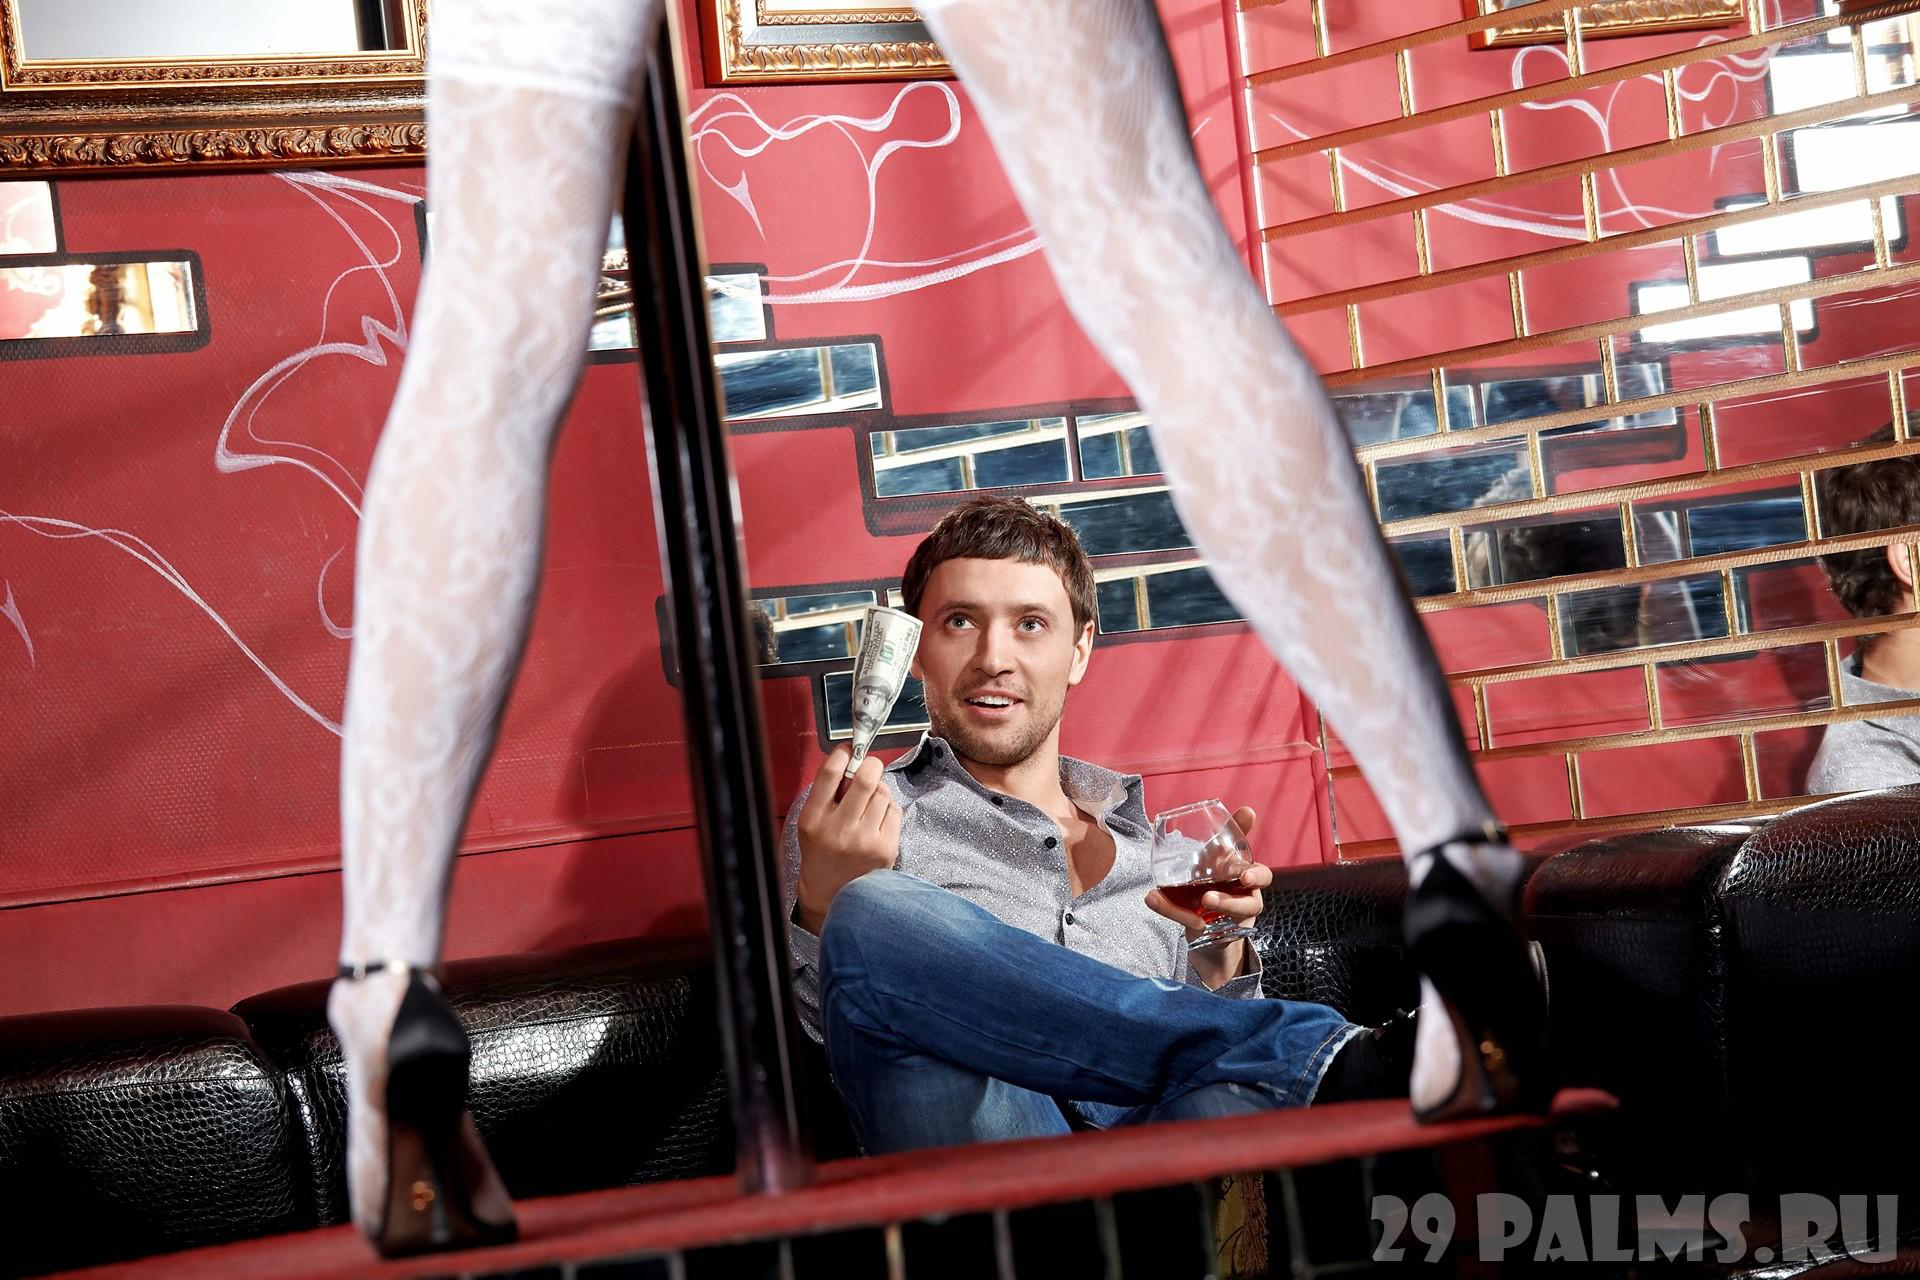 Стриптиз мужчина в кресле 11 фотография